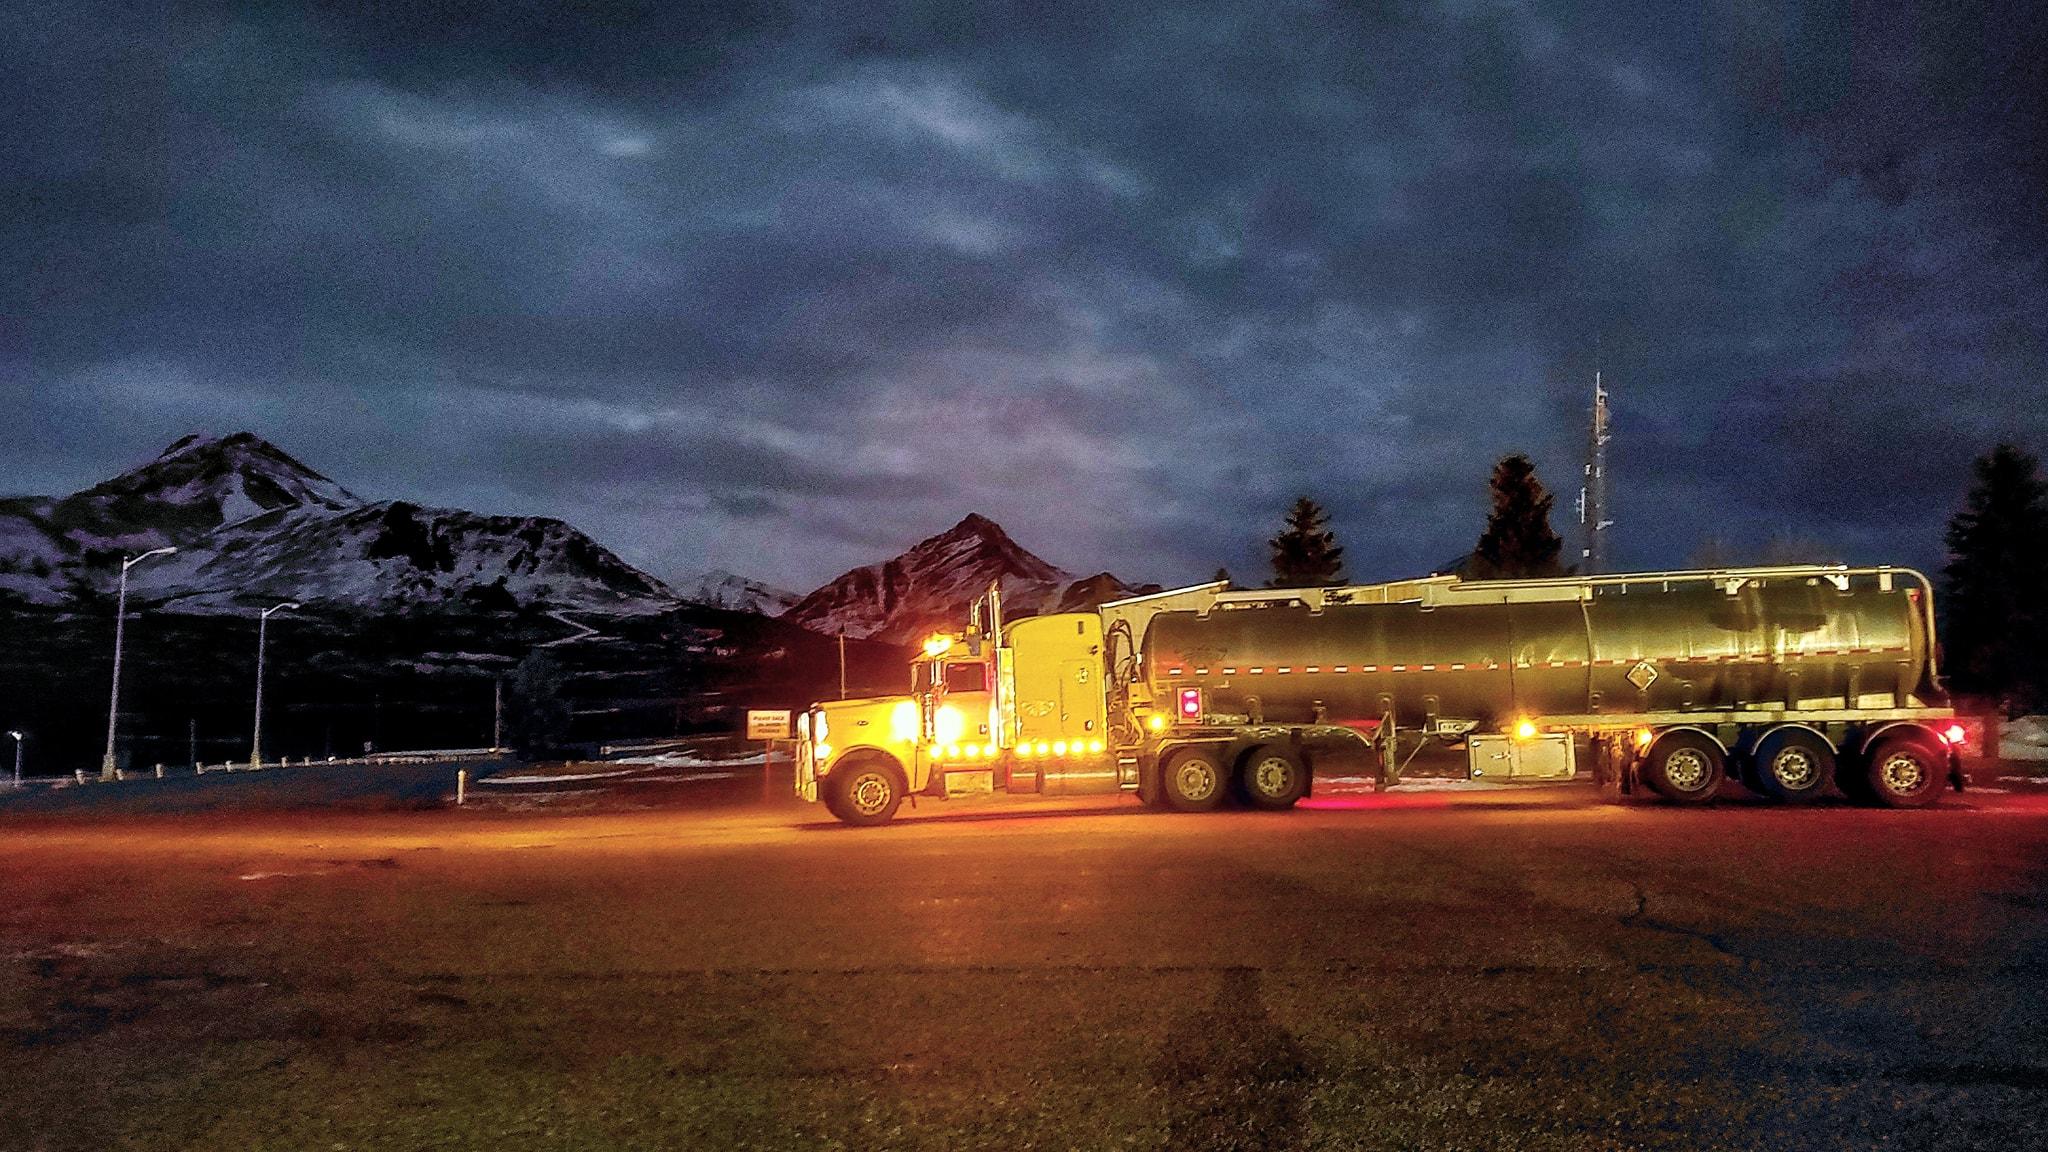 14-2-2020--nu-met-tankwagen-om-meer-thuis-te-zijn-Taber--(24)